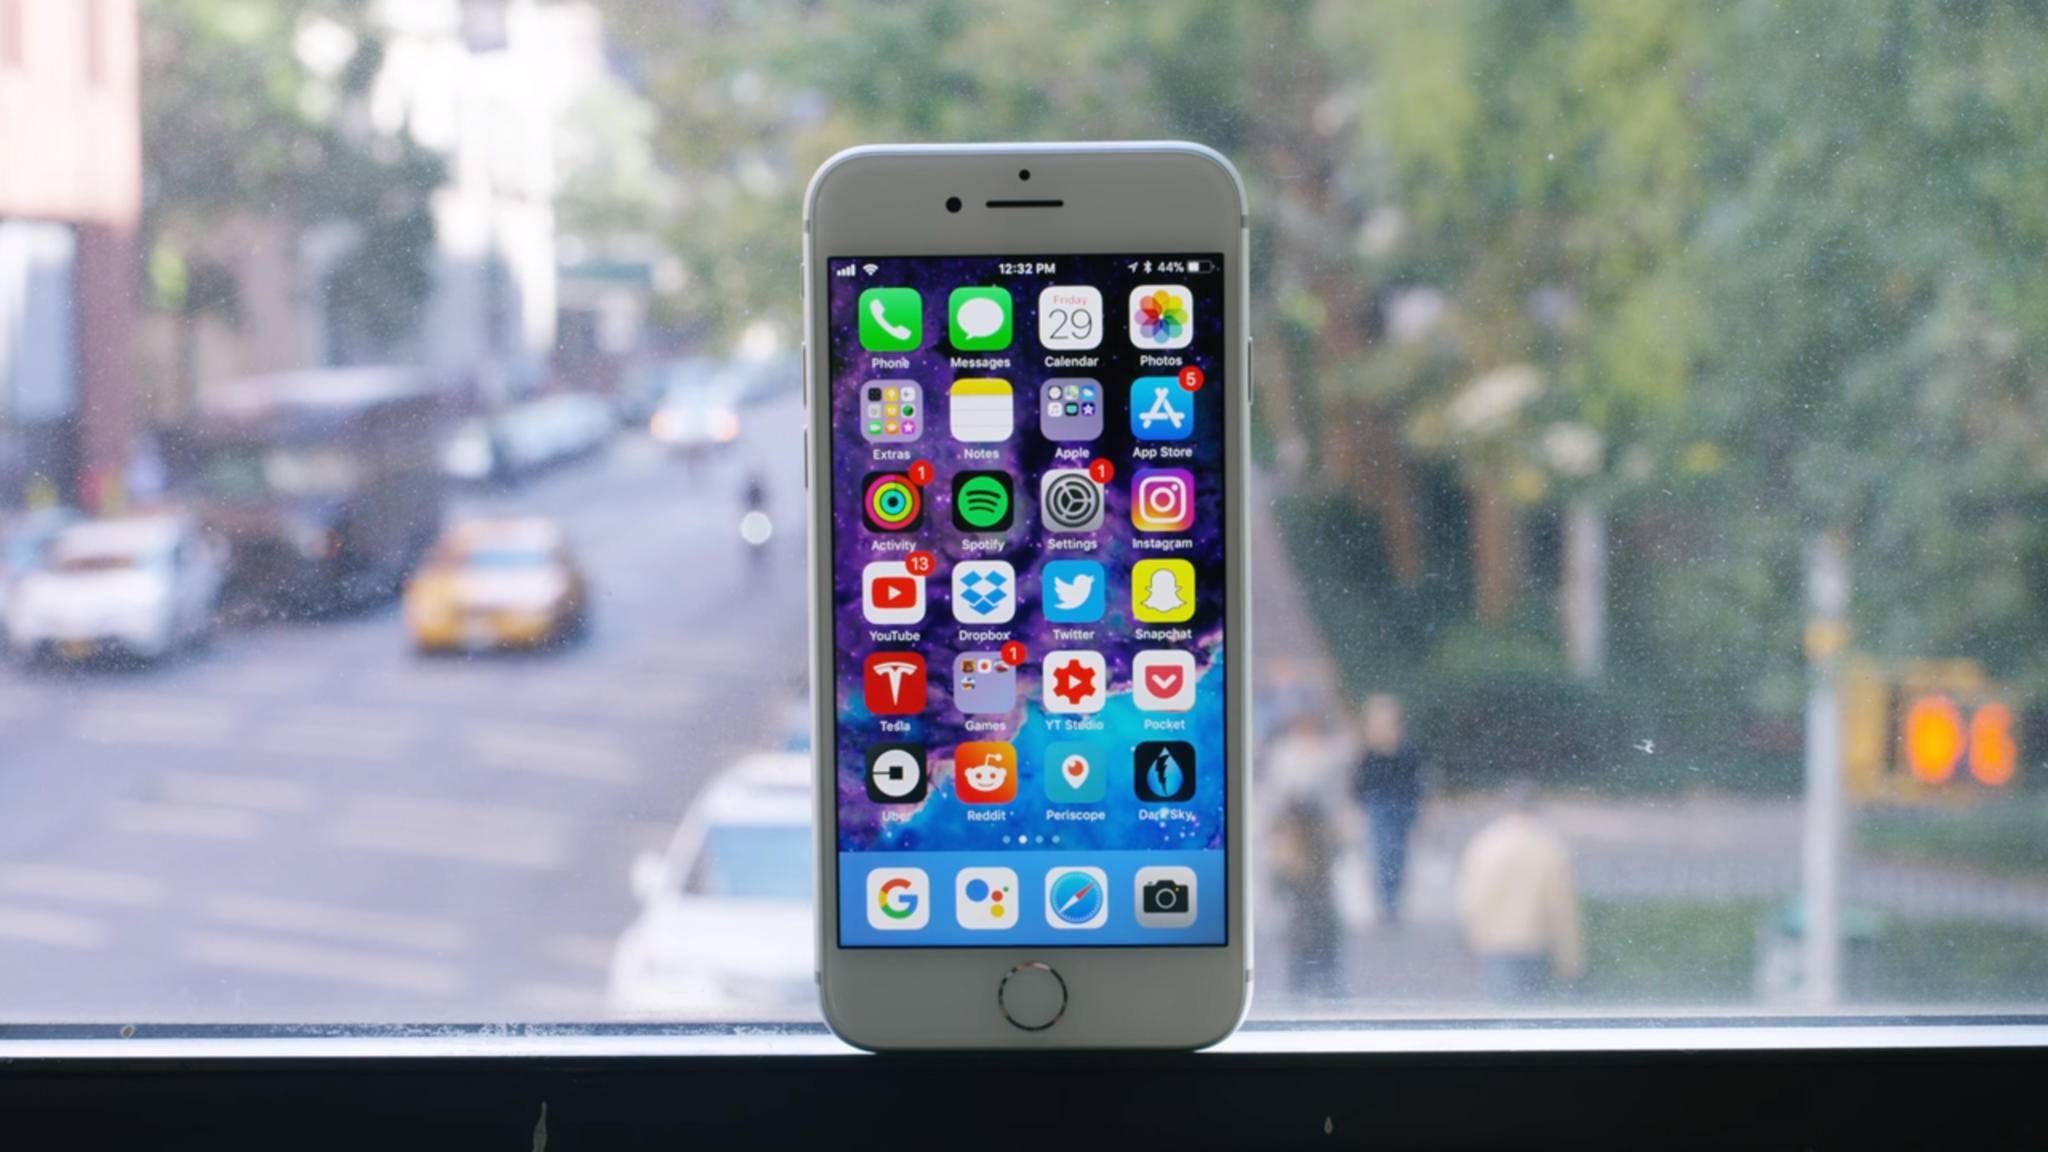 Das iPhone-8-Display kann nach dem Update auf iOS 11.3 Probleme machen.